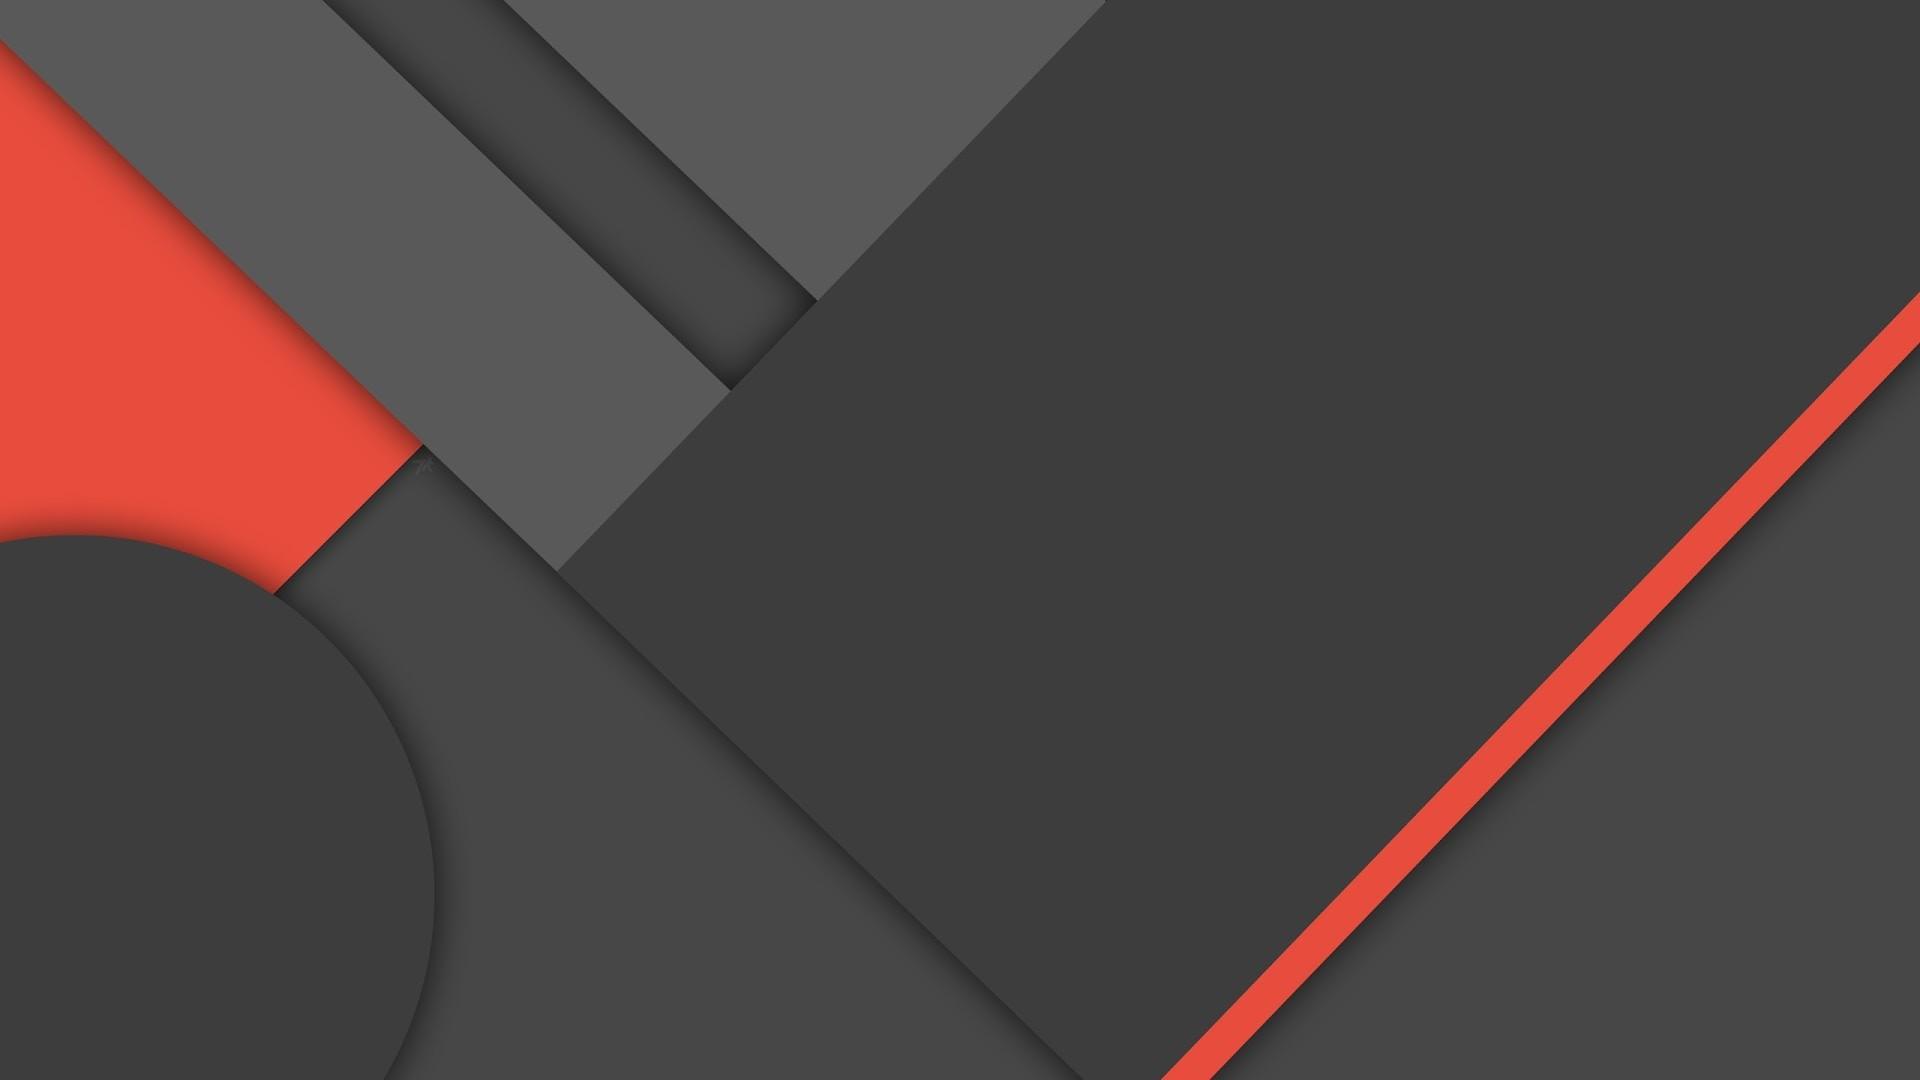 4K HD Wallpaper: Dark Material Design